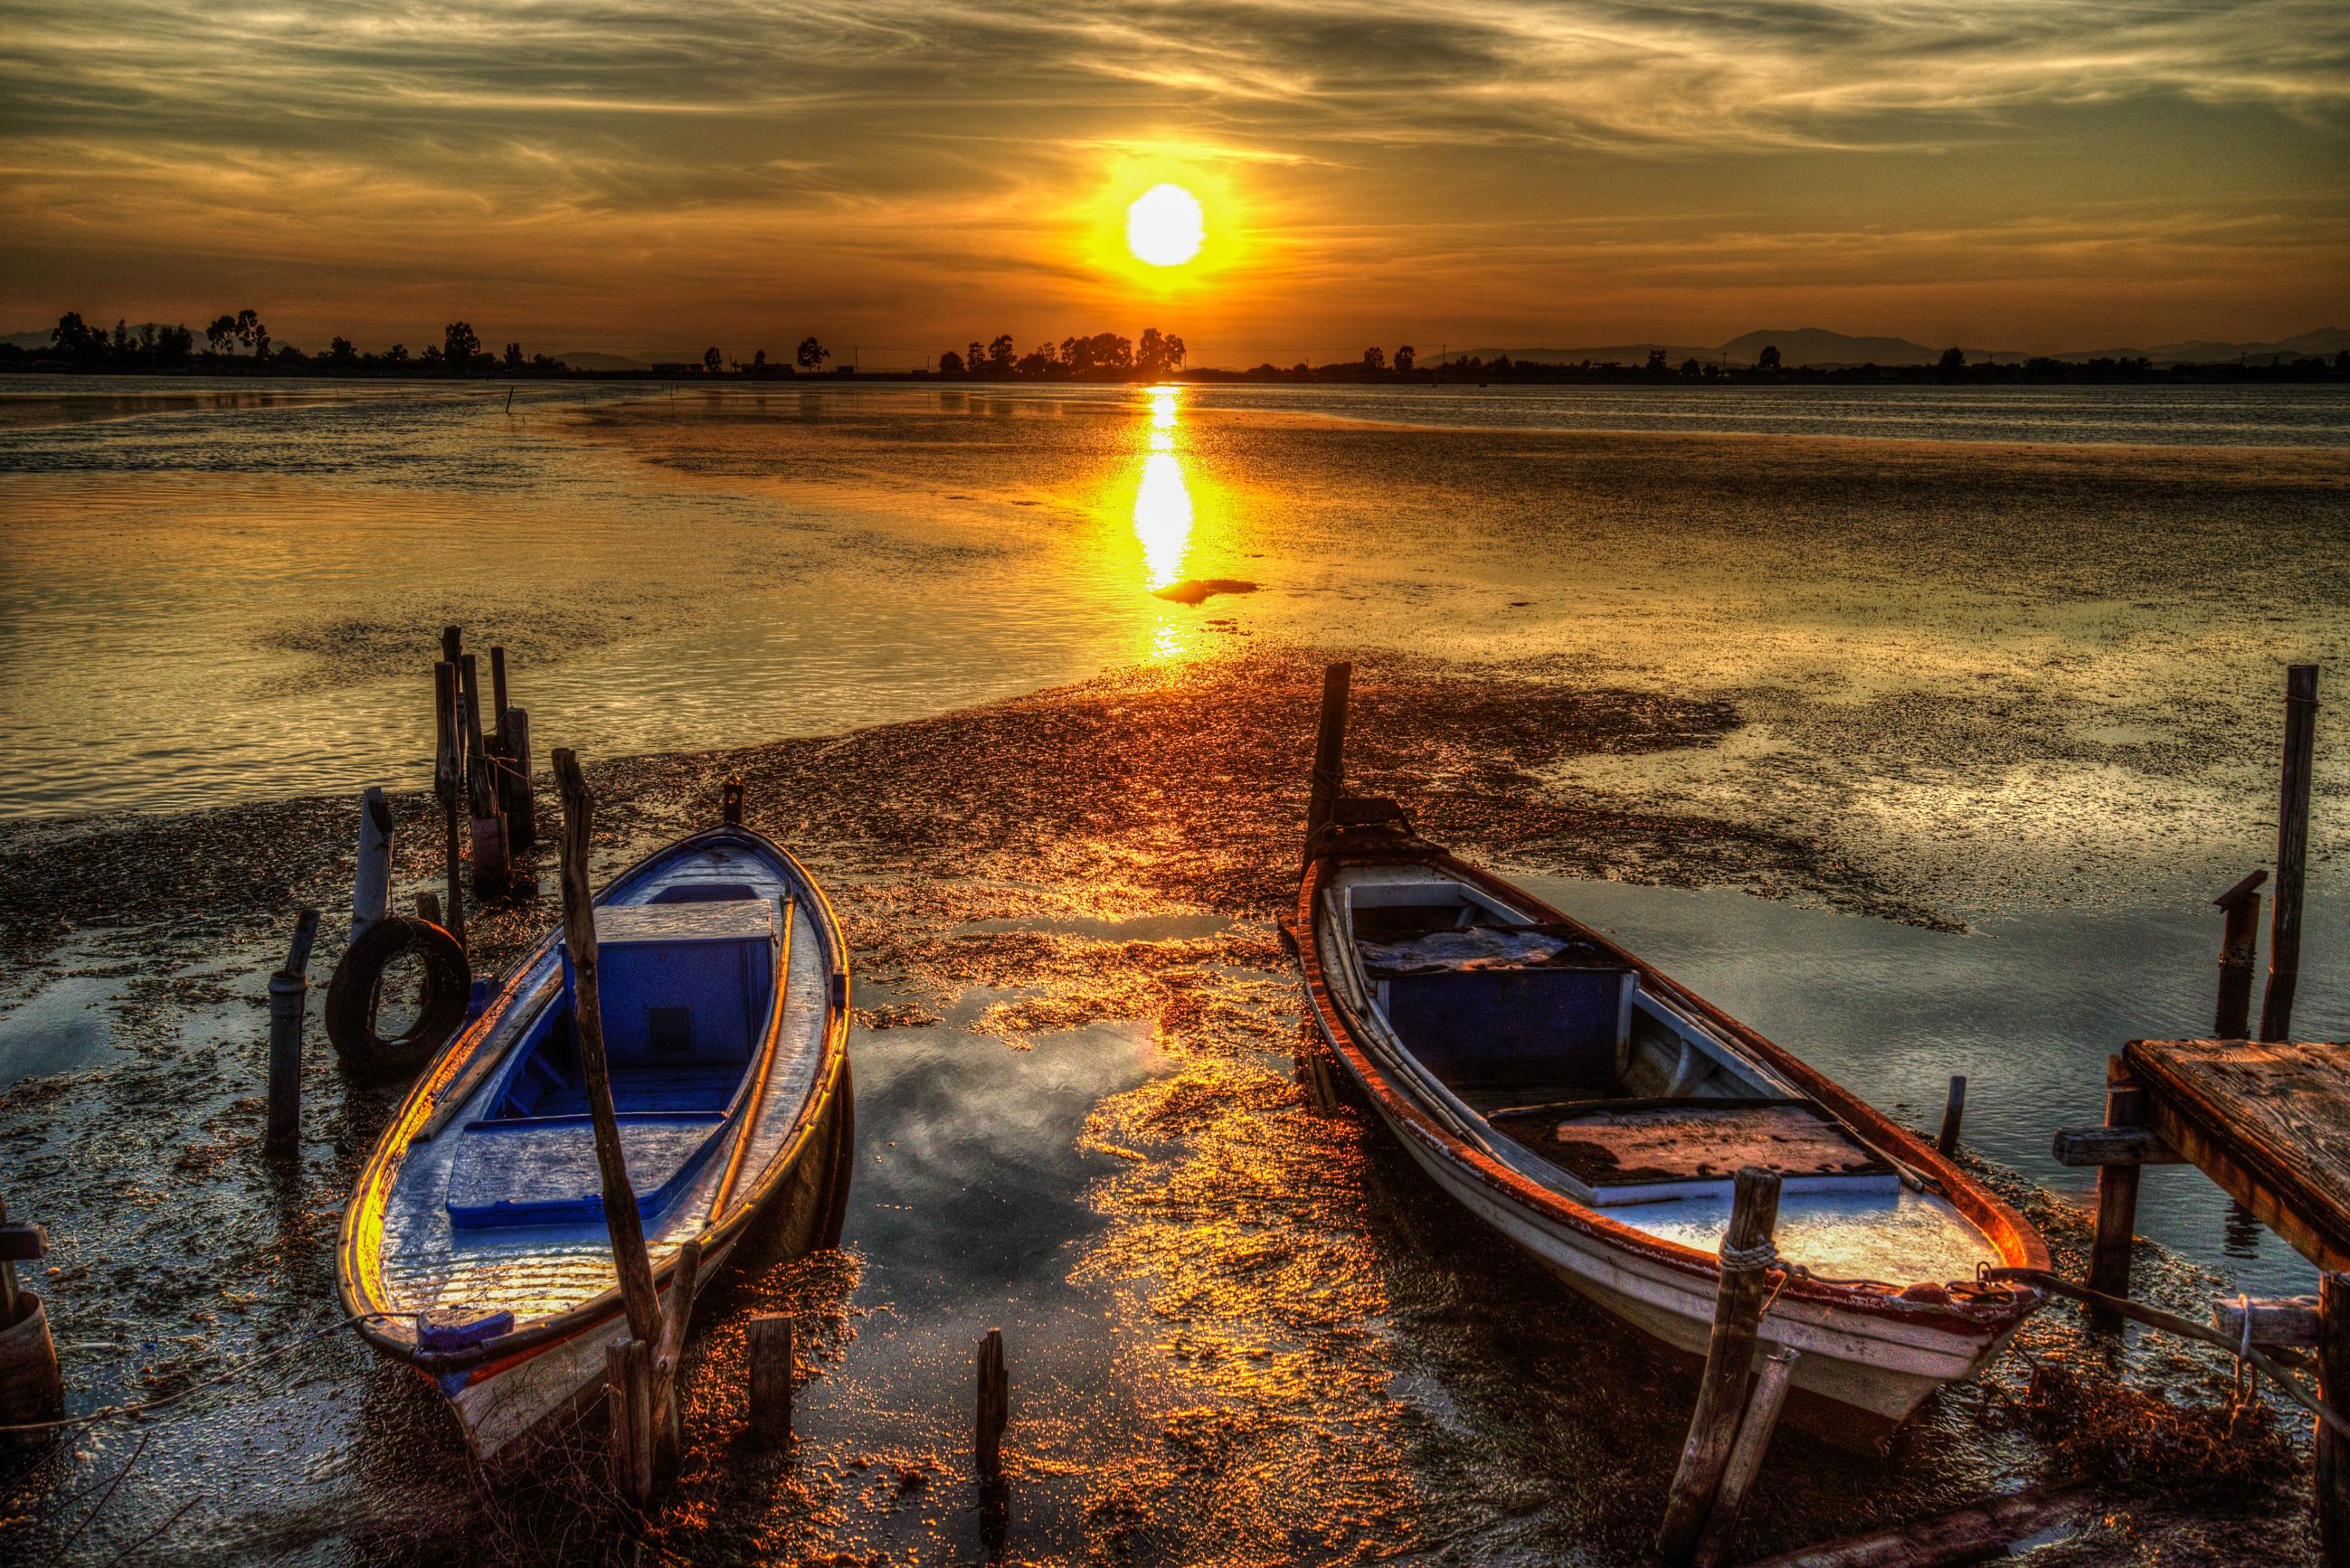 Sun+set